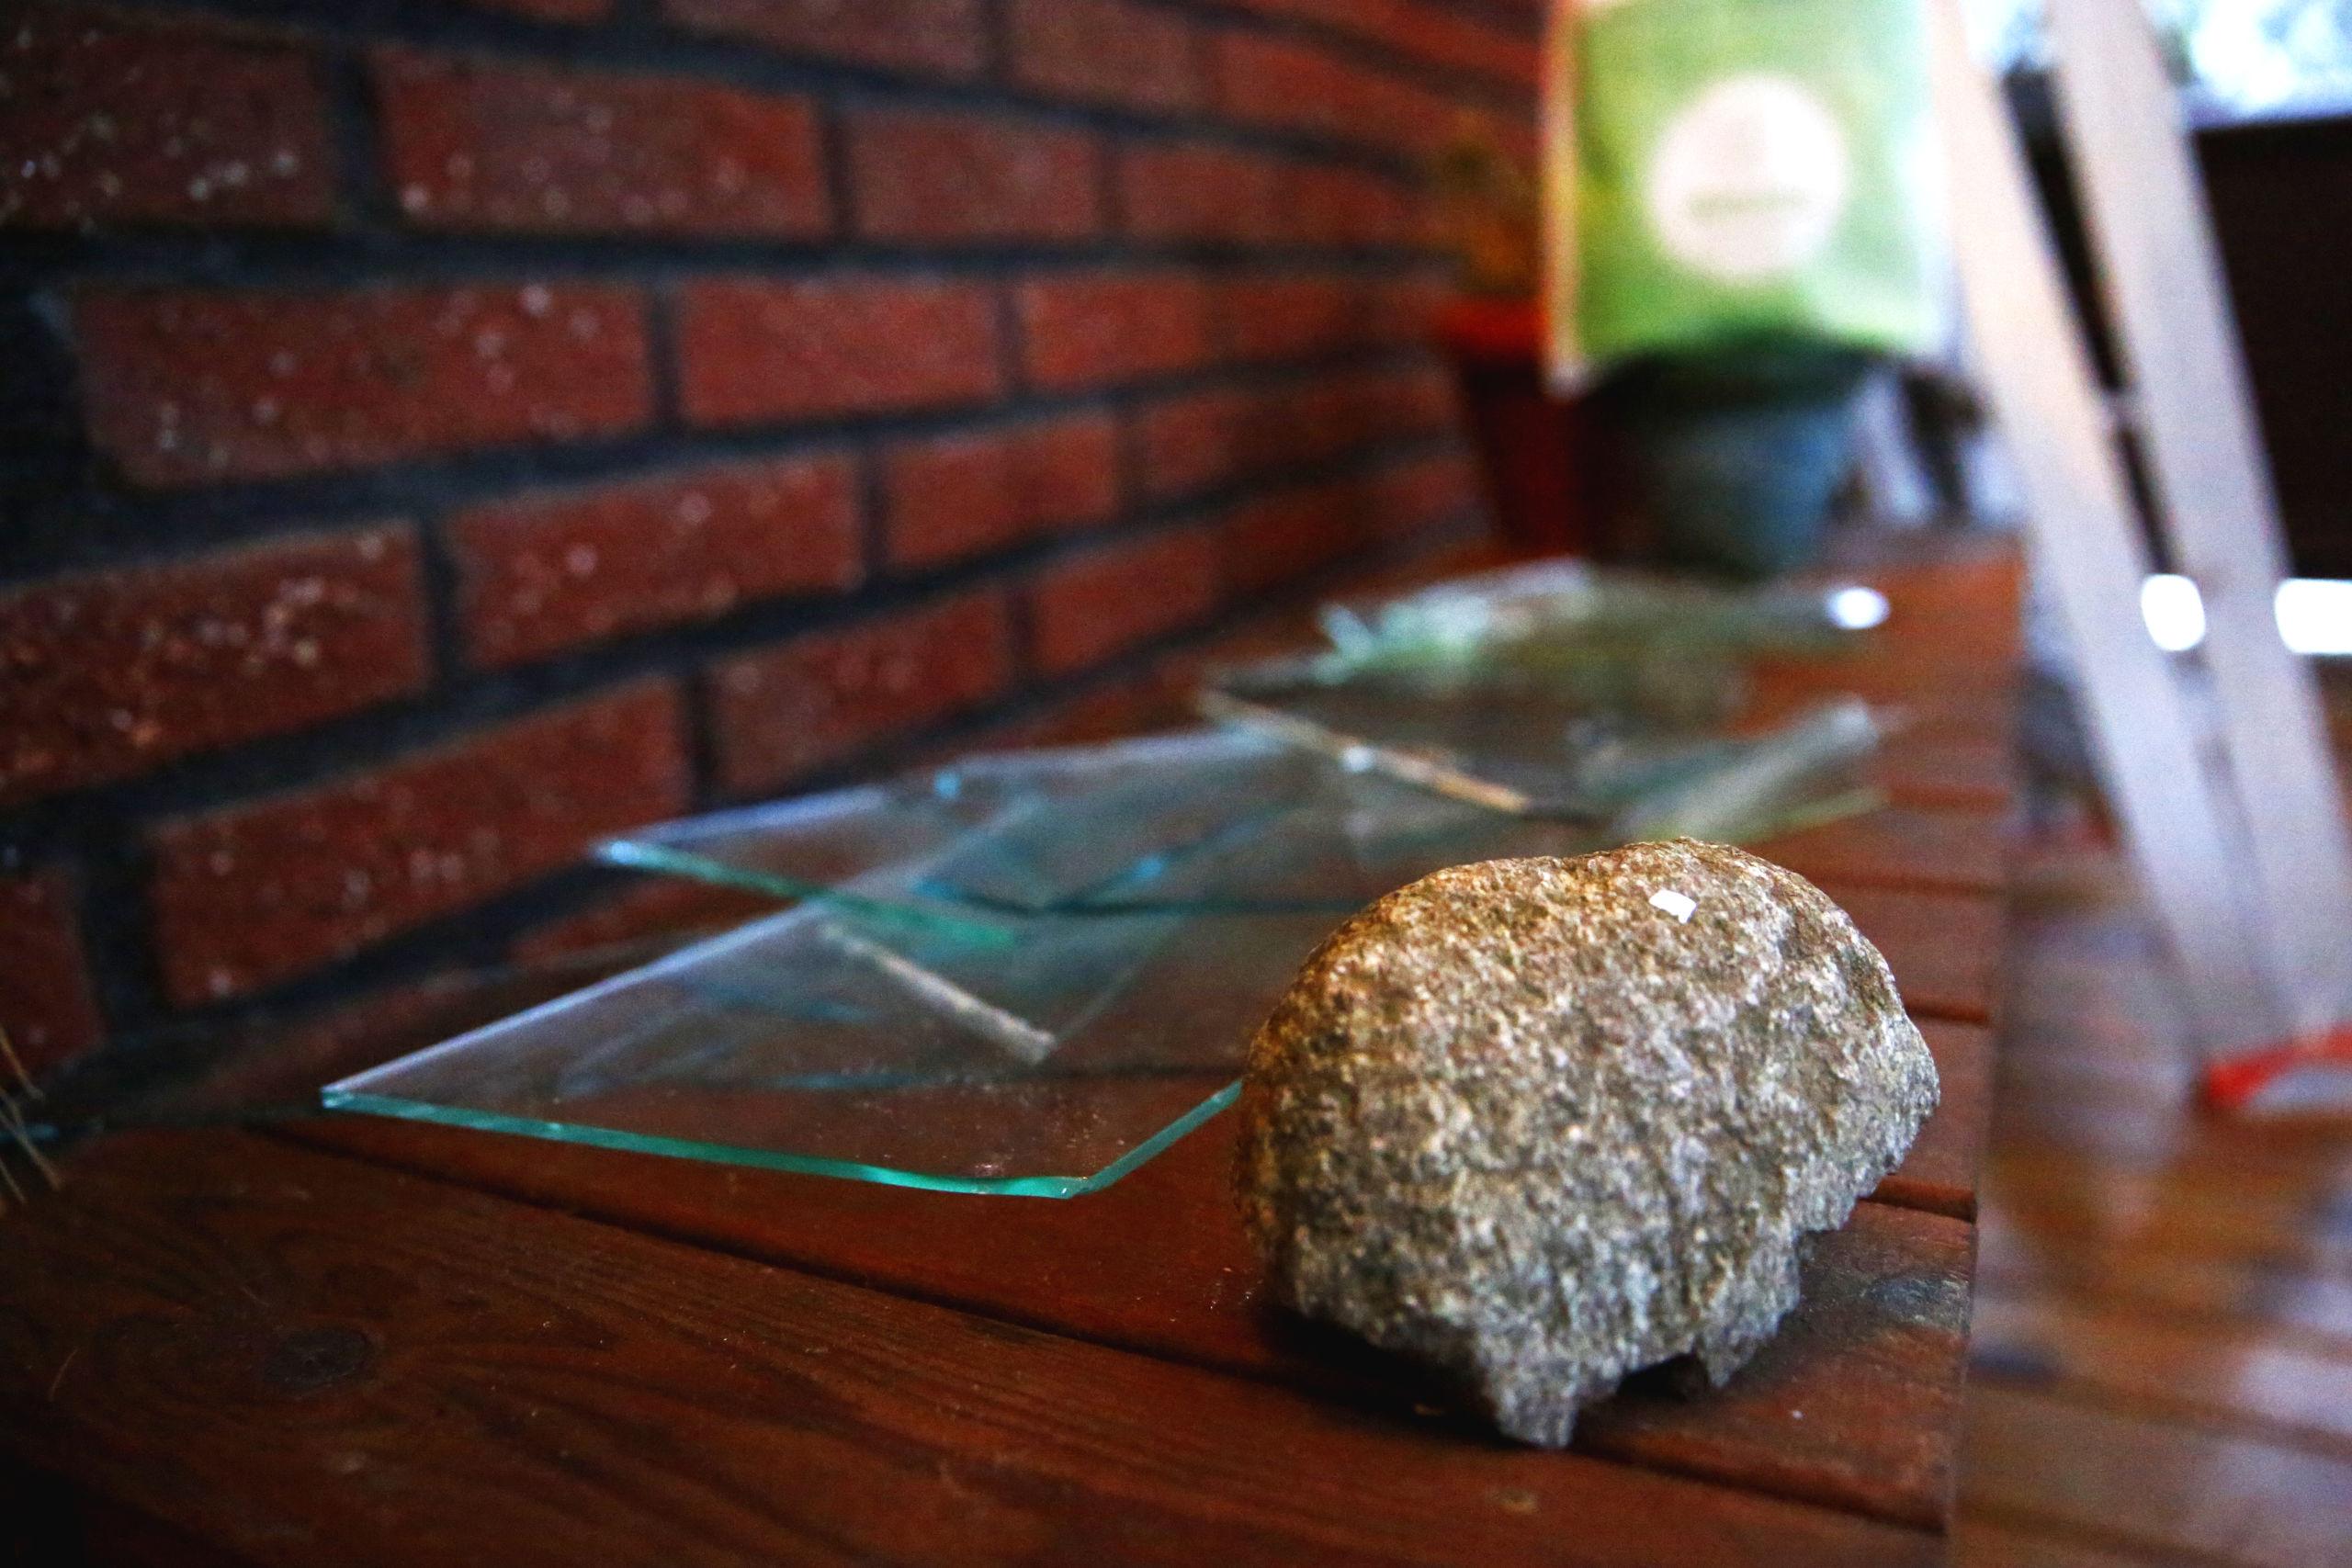 Kraftig okning av bostadsinbrott